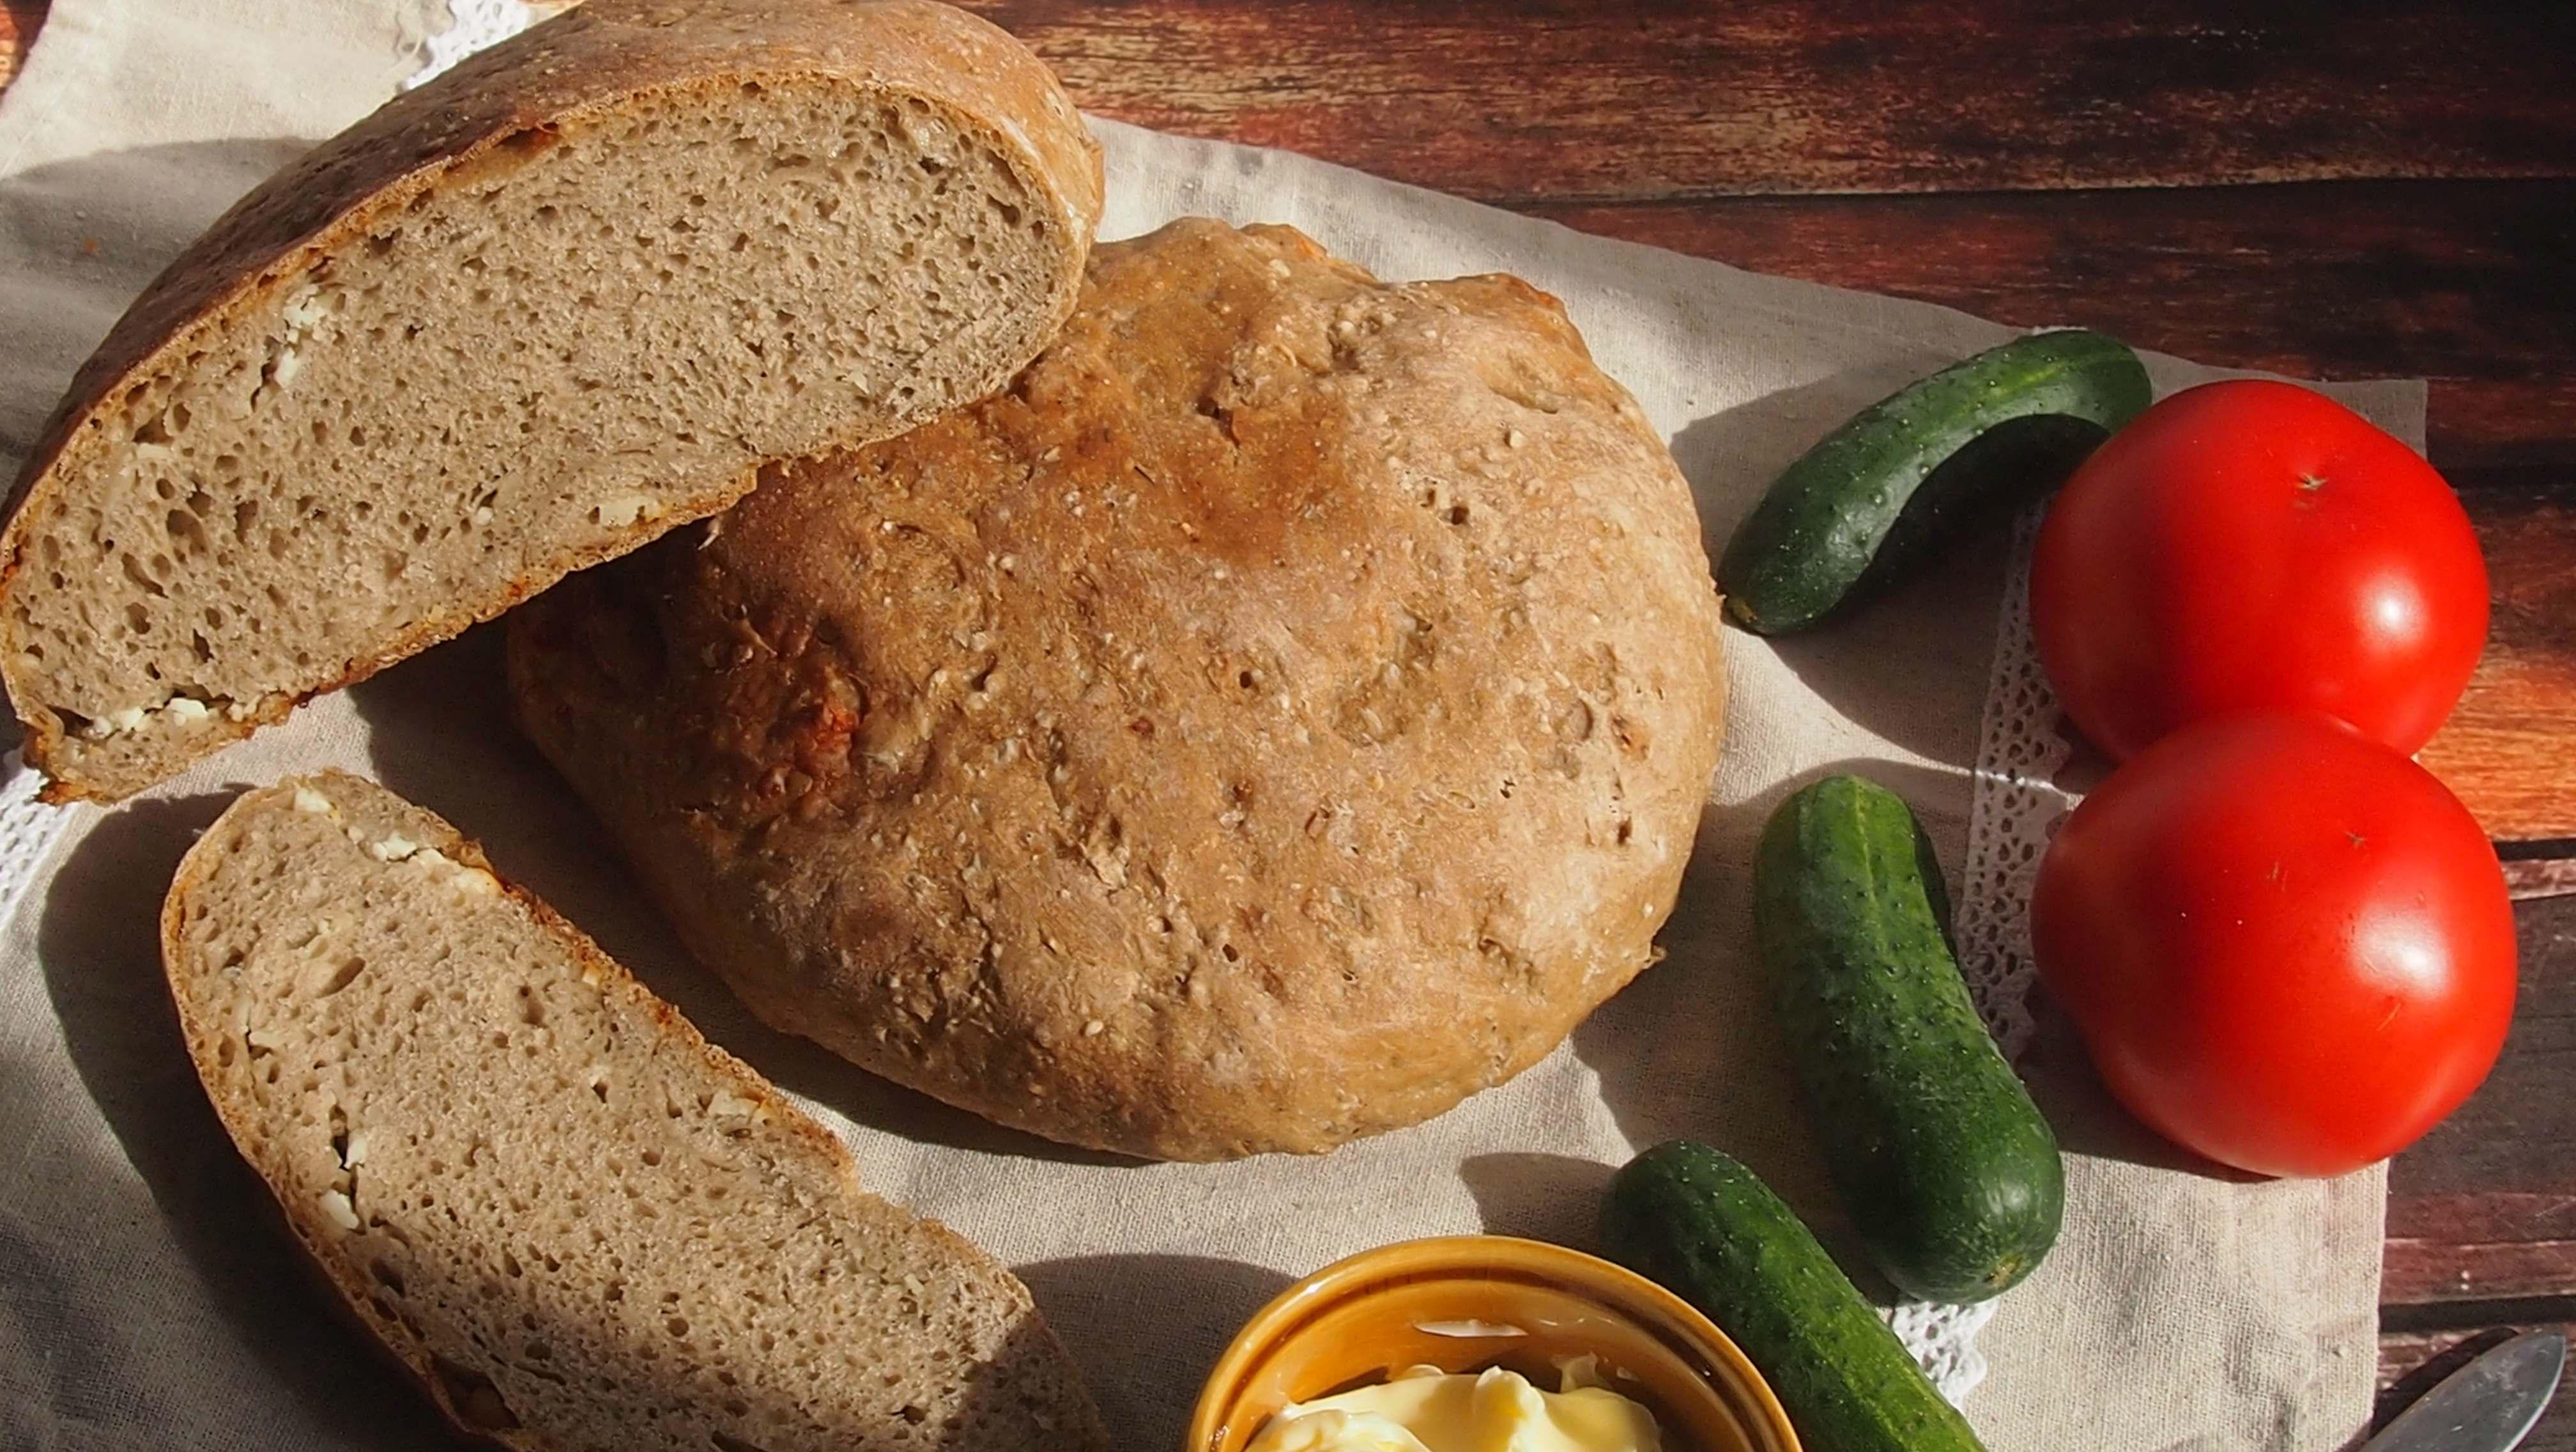 ciasto chlebowe zaczyn bibosz 650 g maki pszennej chlebowej 230-250 g wody 1 łyżeczka słodu jęczmiennego 1 łyżeczka soli 150 g owczego sera pleśniowego 1 łyżeczka całych nasion kminku 1/4 łyżeczki drożdży (opcjonalnie)